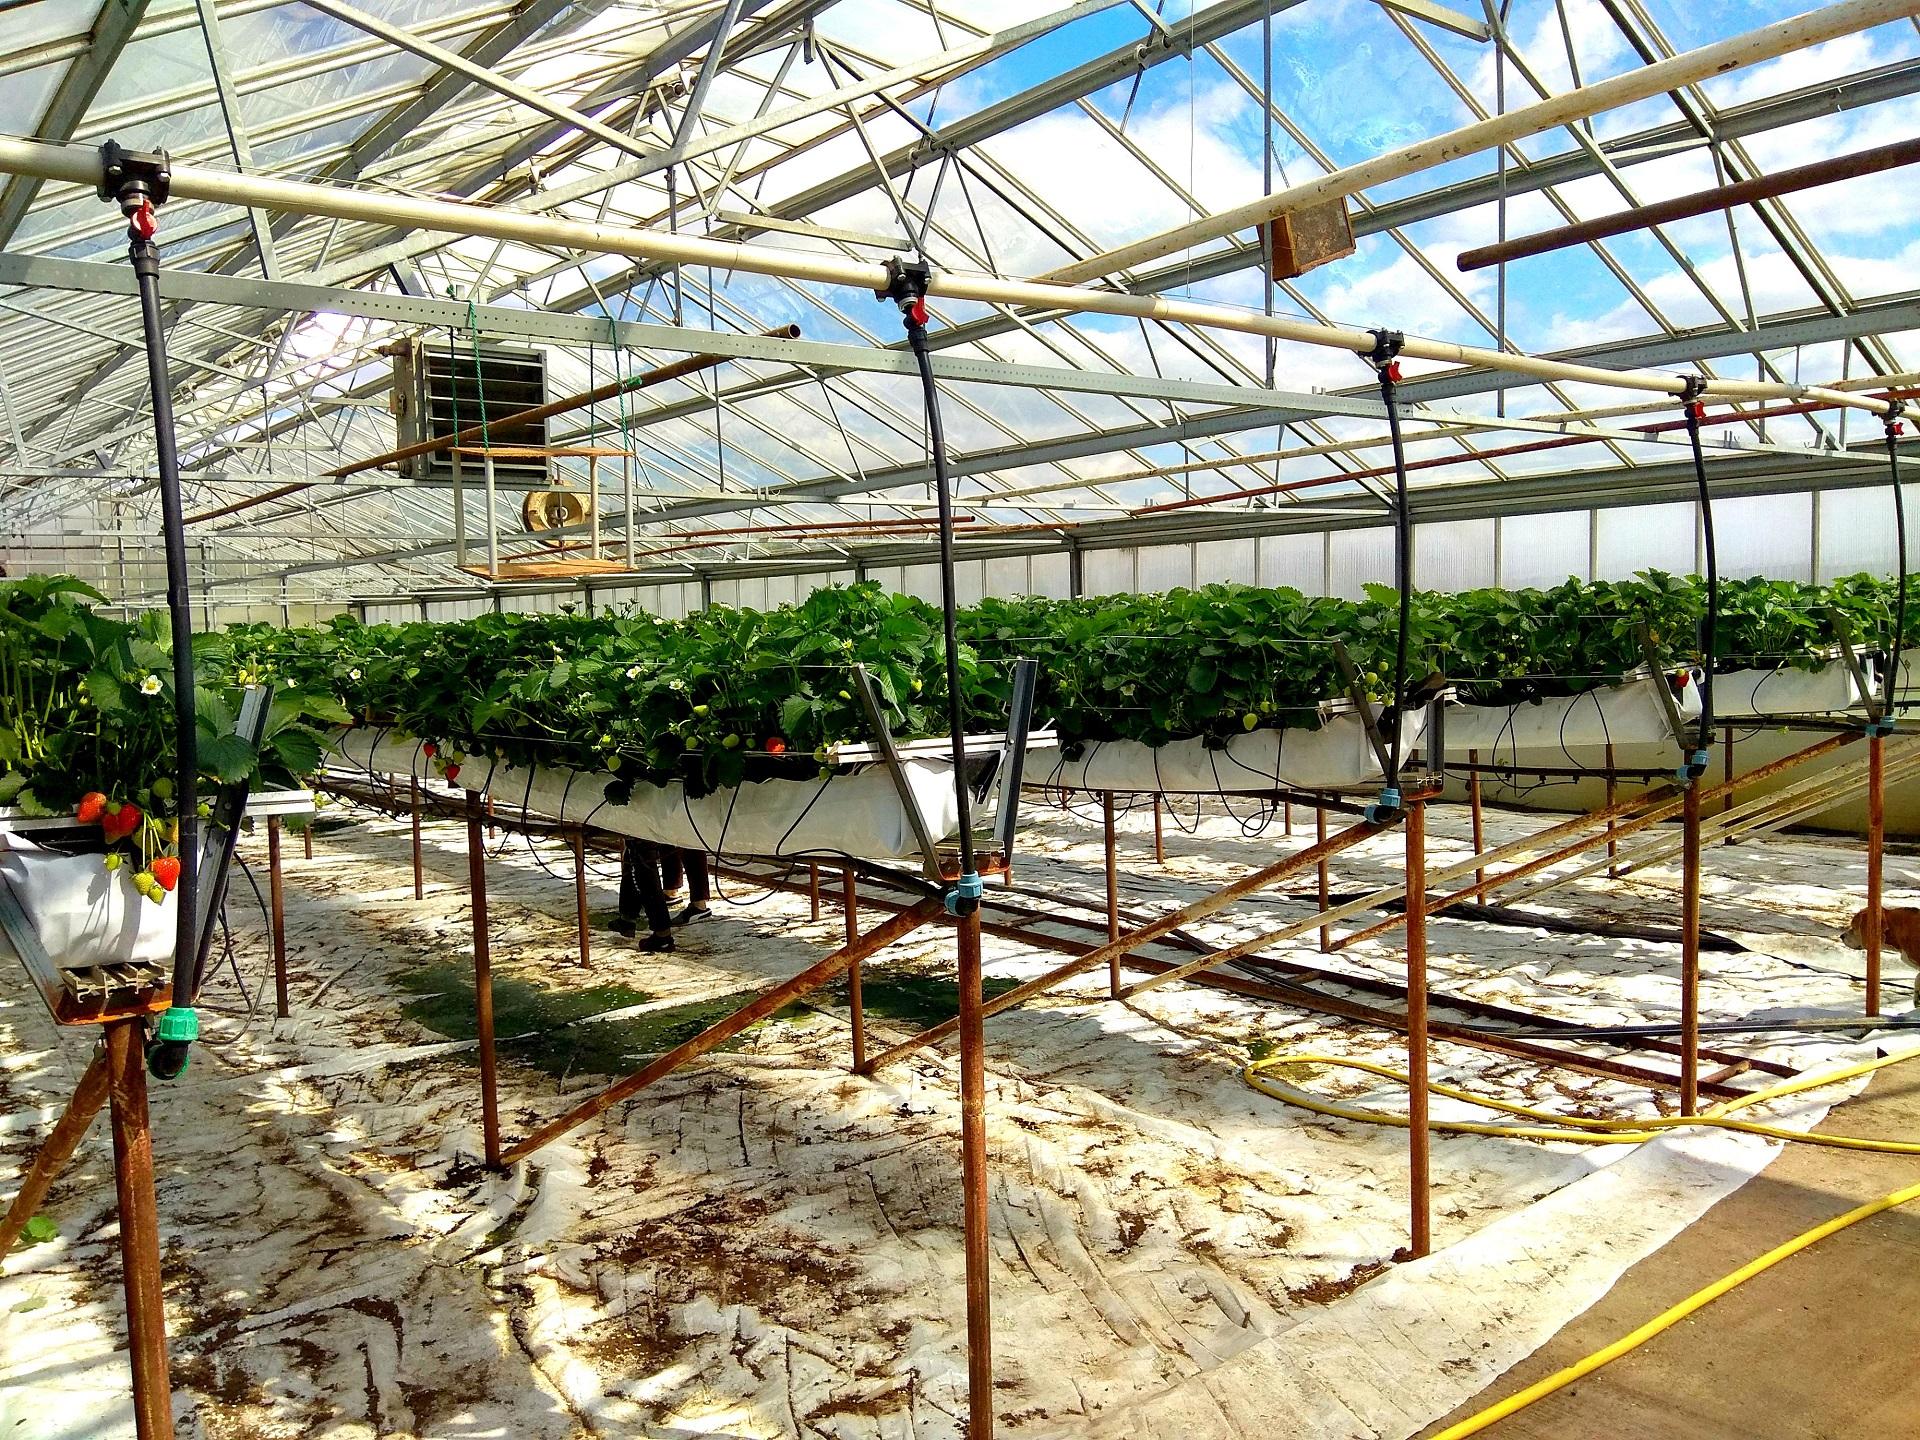 Braškės auginamos stikliniuose šiltnamiuose, tad lauko temperatūra turi mažai įtakos uogų nokimui. Dimitrijaus Kuprijanovo nuotr.